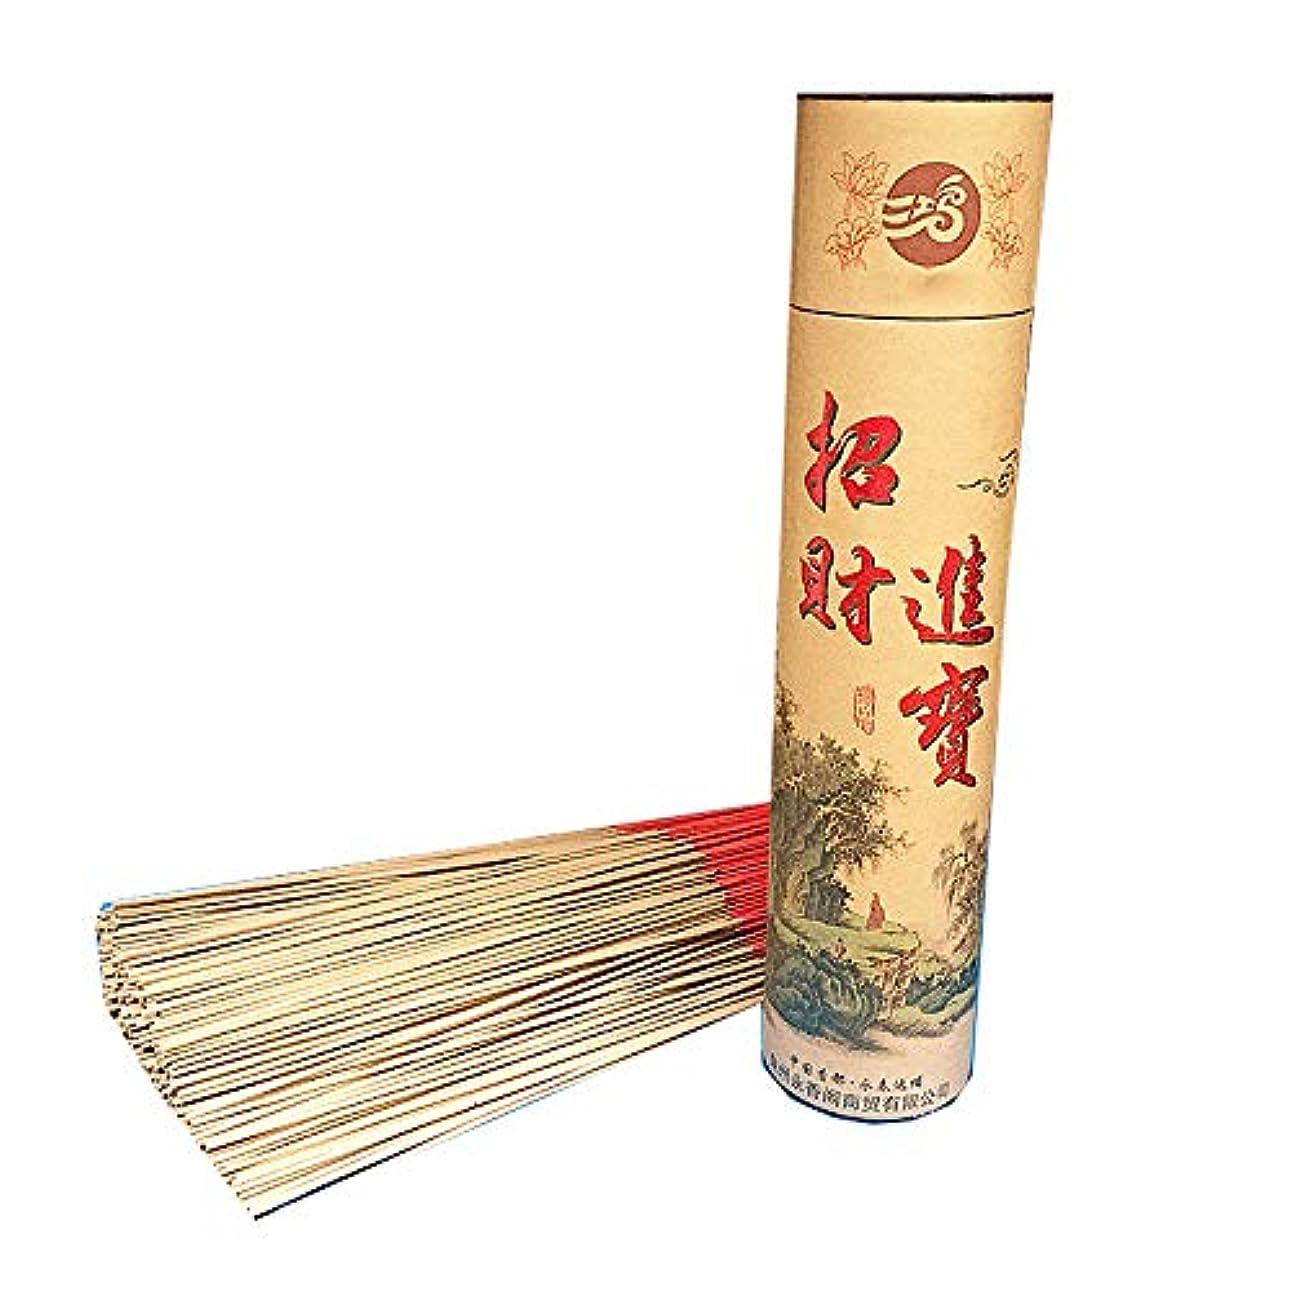 ライブ力櫛ZeeStar チャイニーズジョススティック 無香 香料 香りなし 香りつき 香りつき ジョススティック 13インチ(480本)